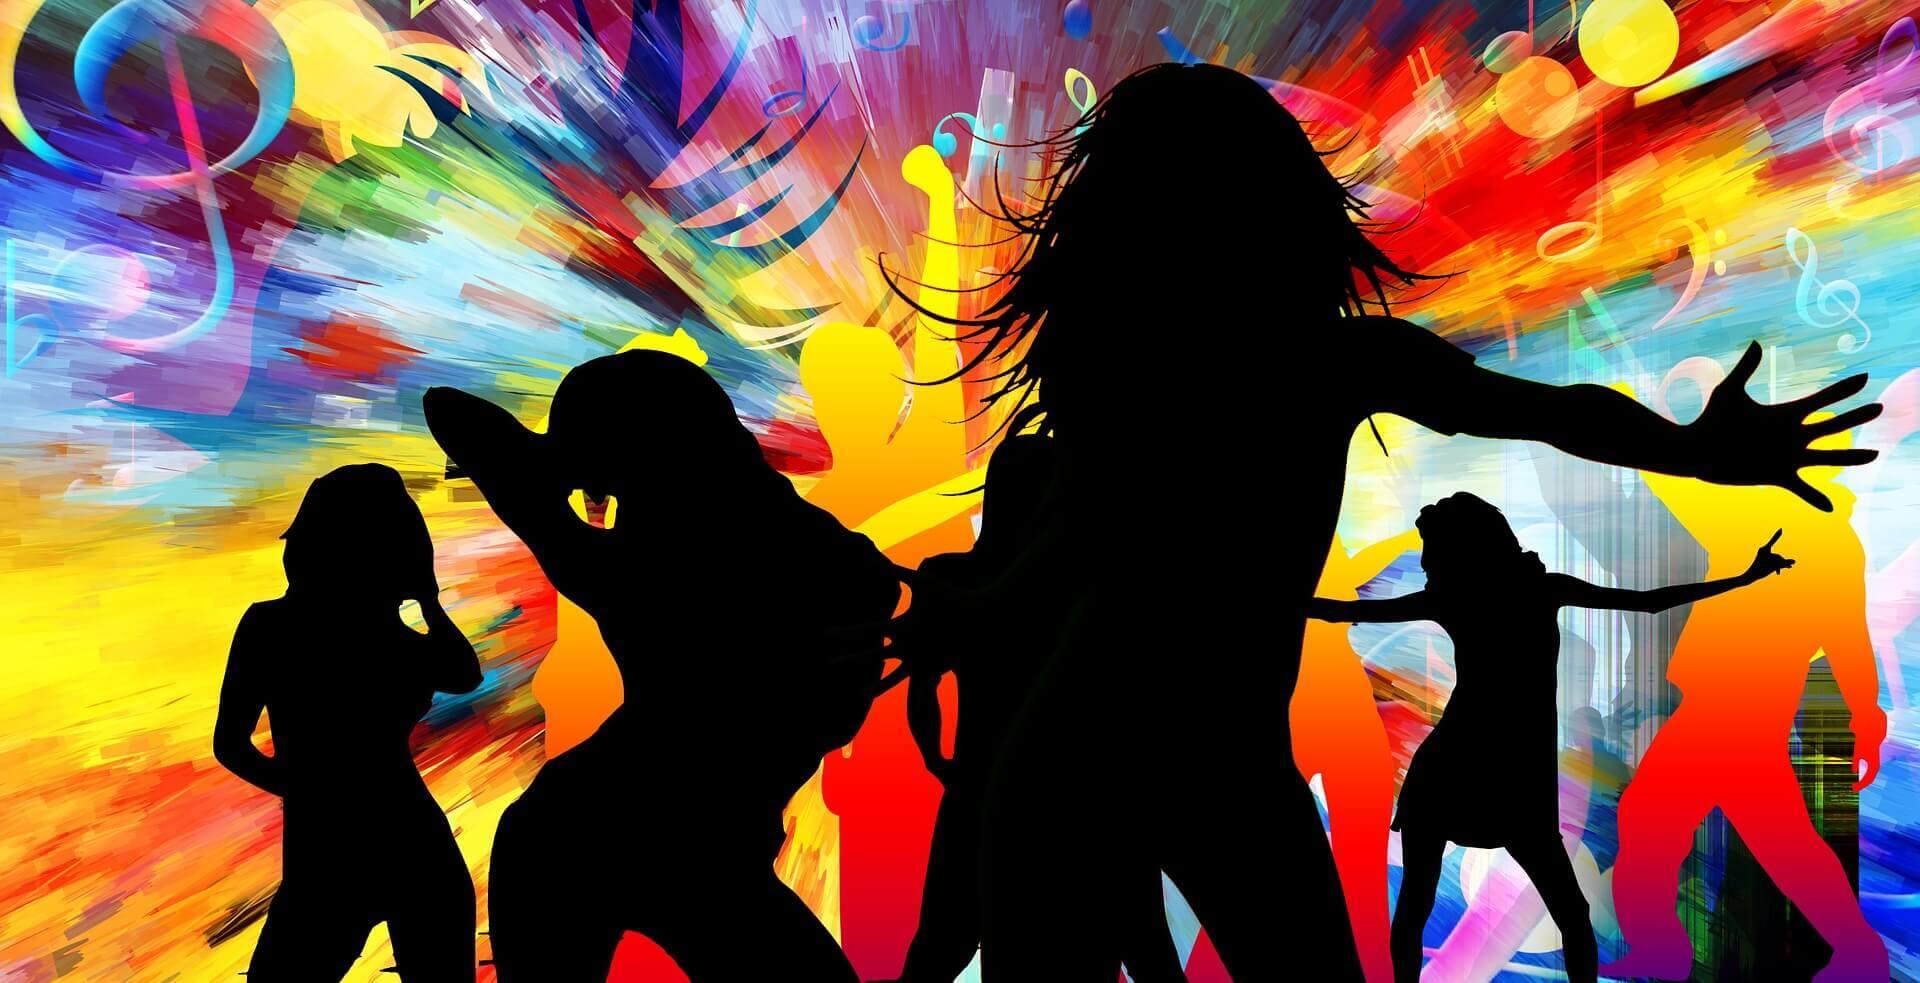 ダンスを楽しむ人々のイラスト